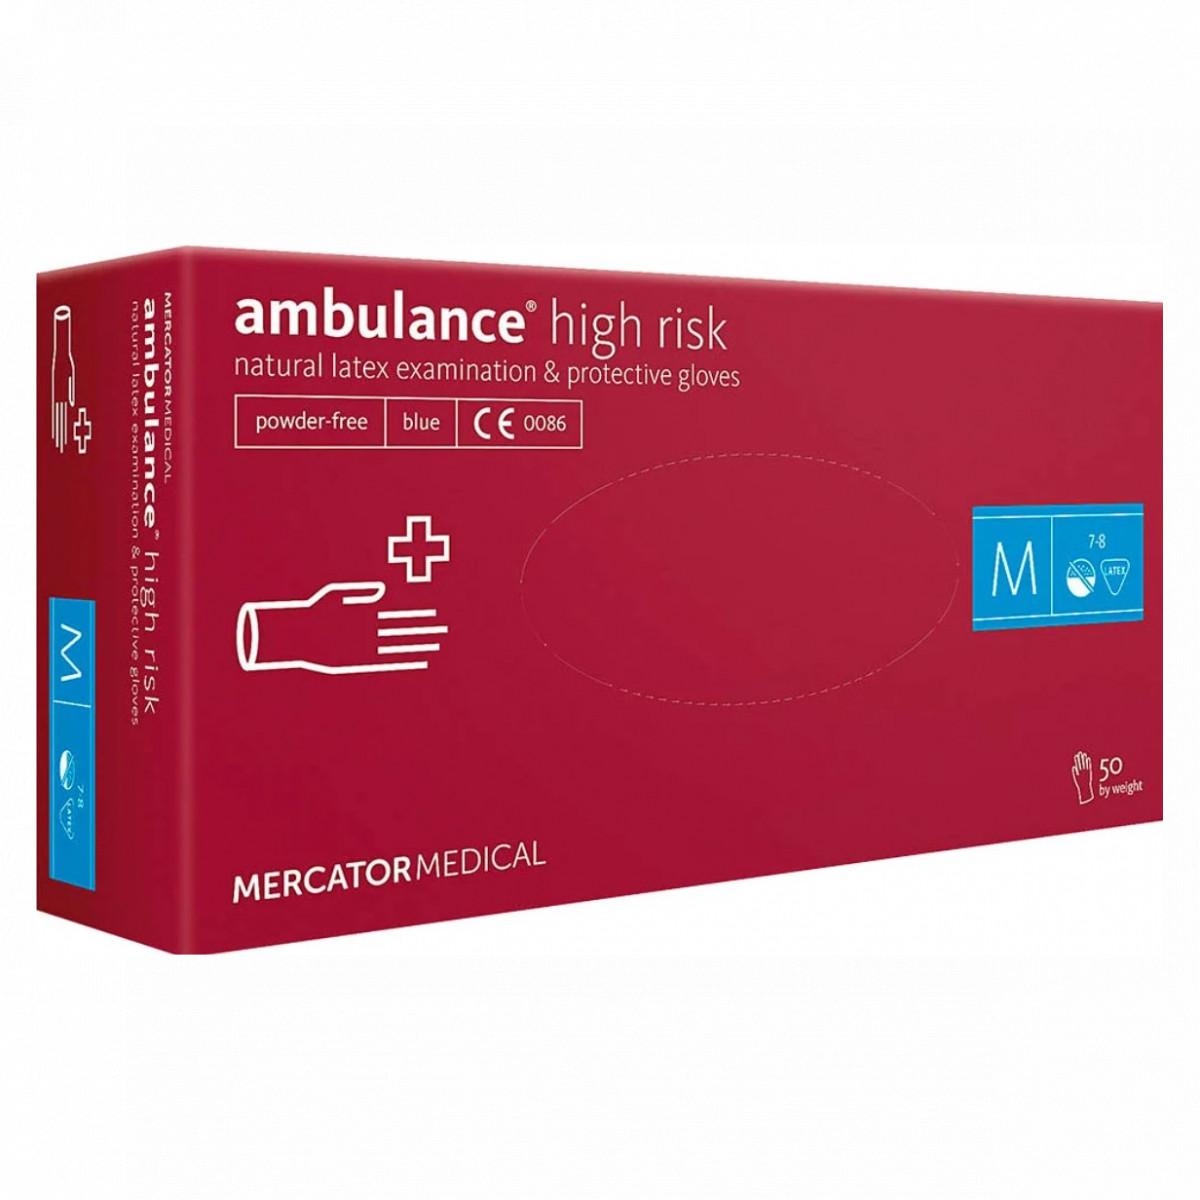 Перчатки Ambulance High Risk латексные смотровые нестерильные неприпудренные р.S